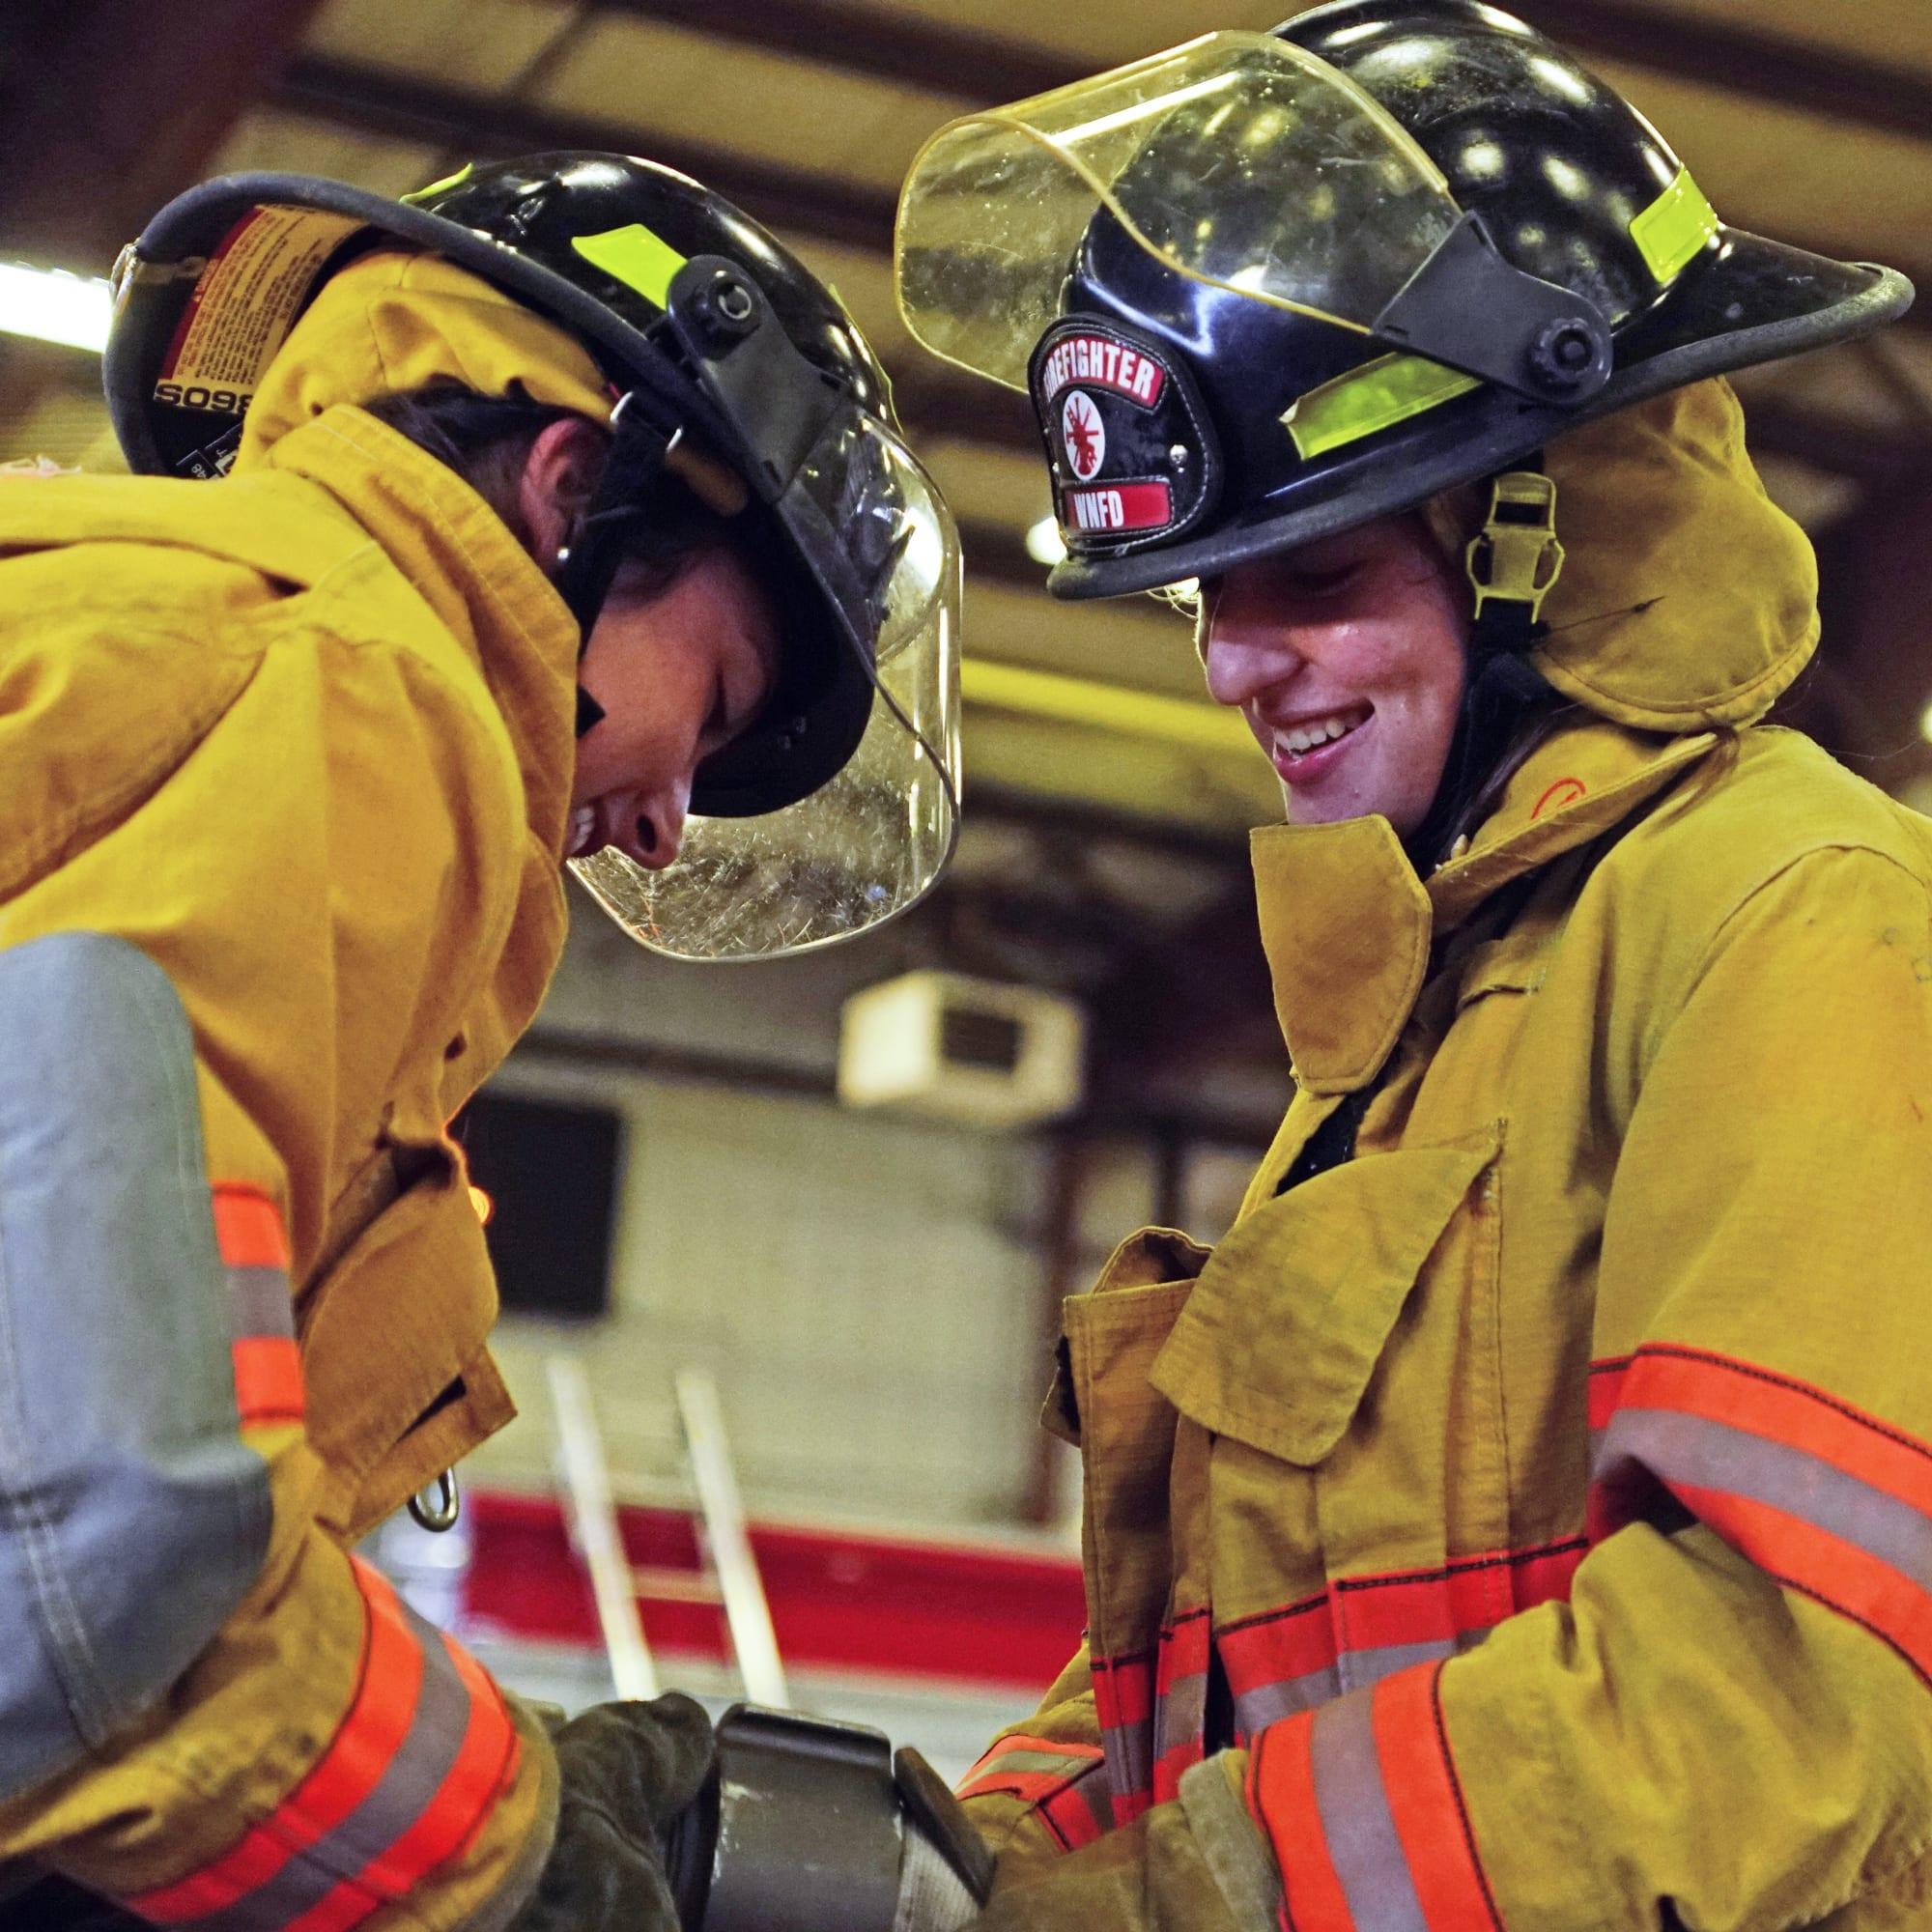 firefigher demonstration